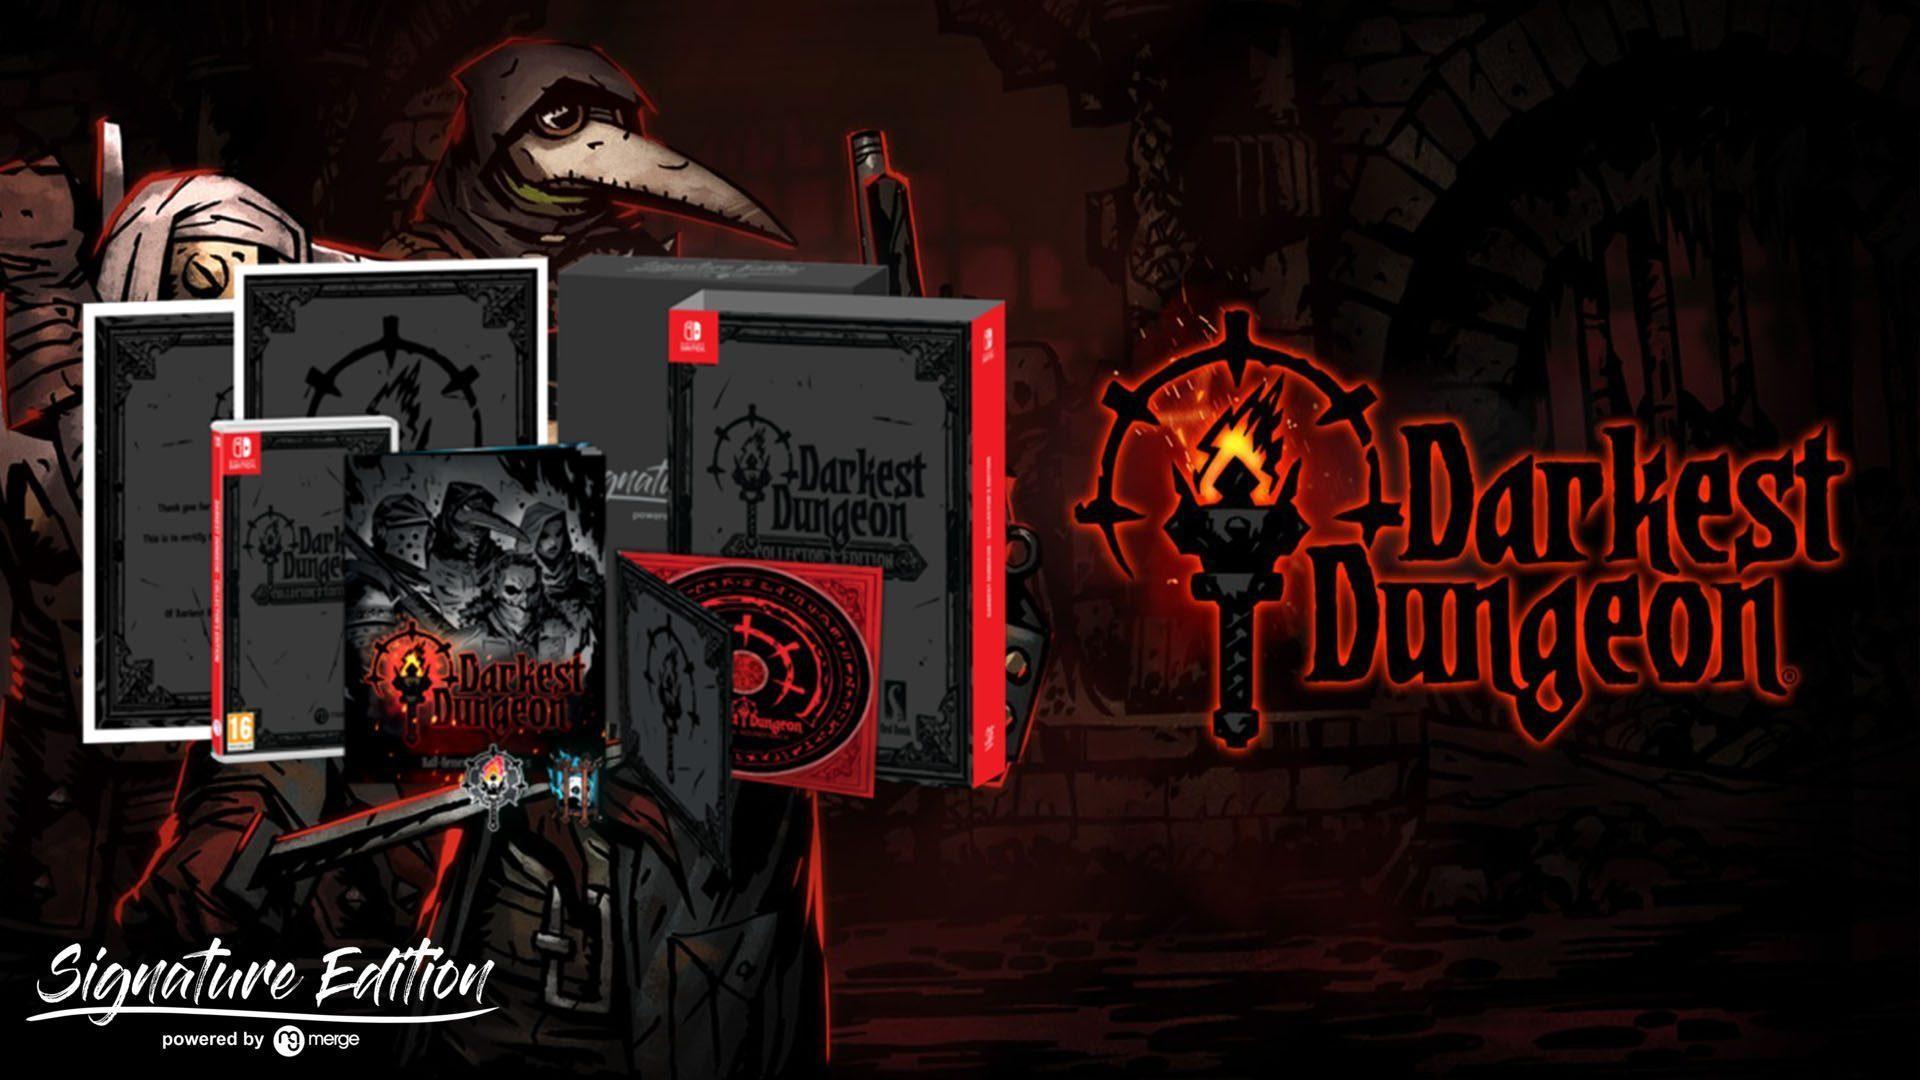 Darkest_Dungeon_mockup